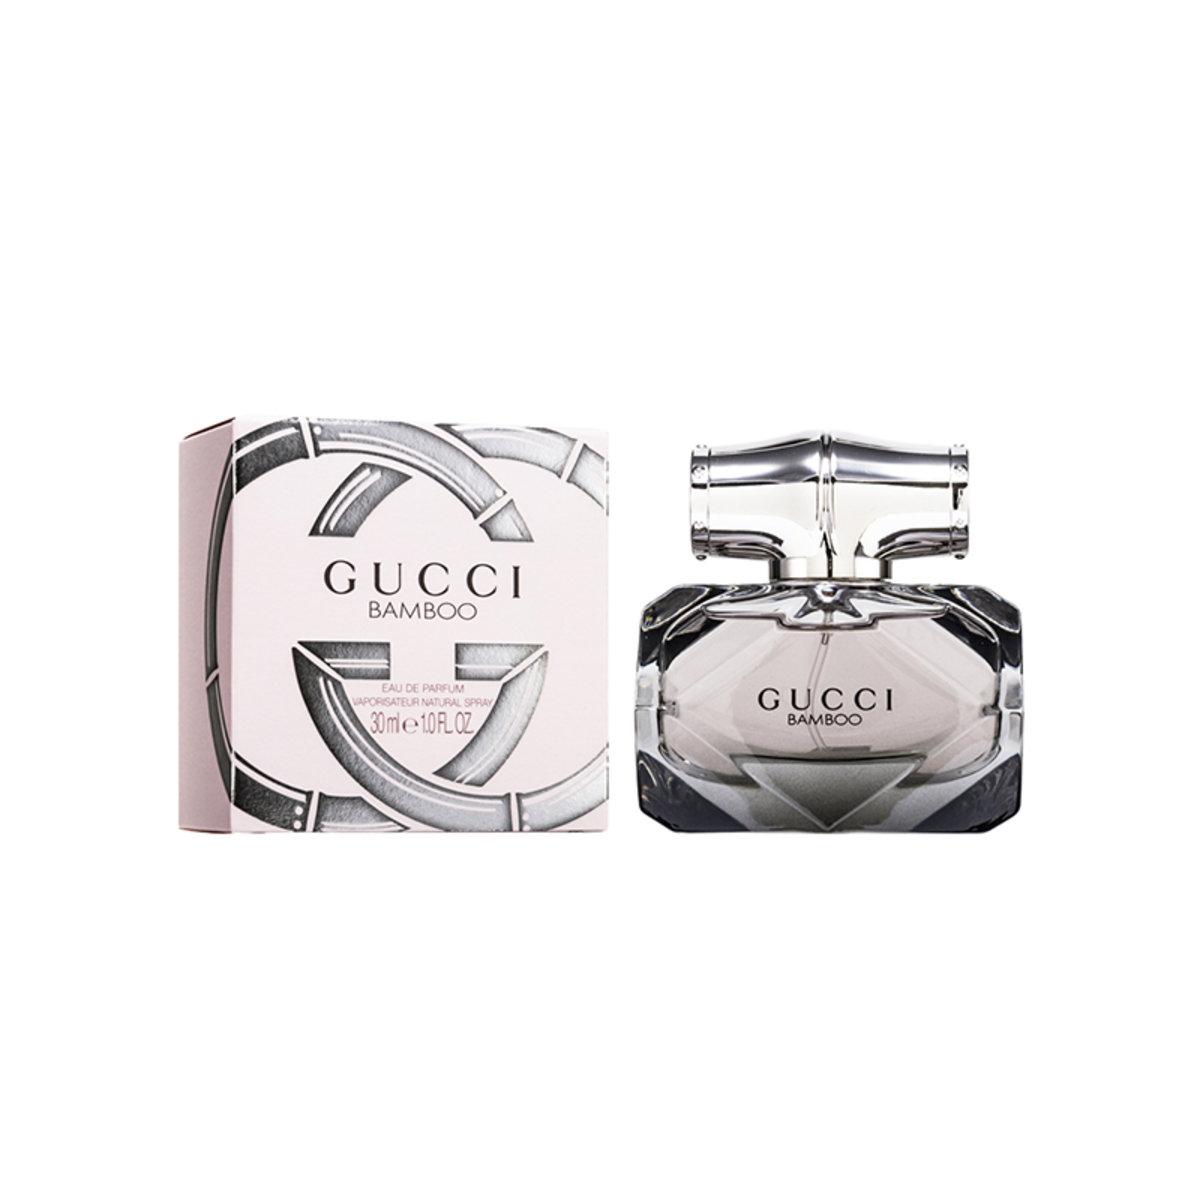 cd0b72289 Gucci | Bamboo Eau de Parfum (30ml) | HKTVmall Online Shopping